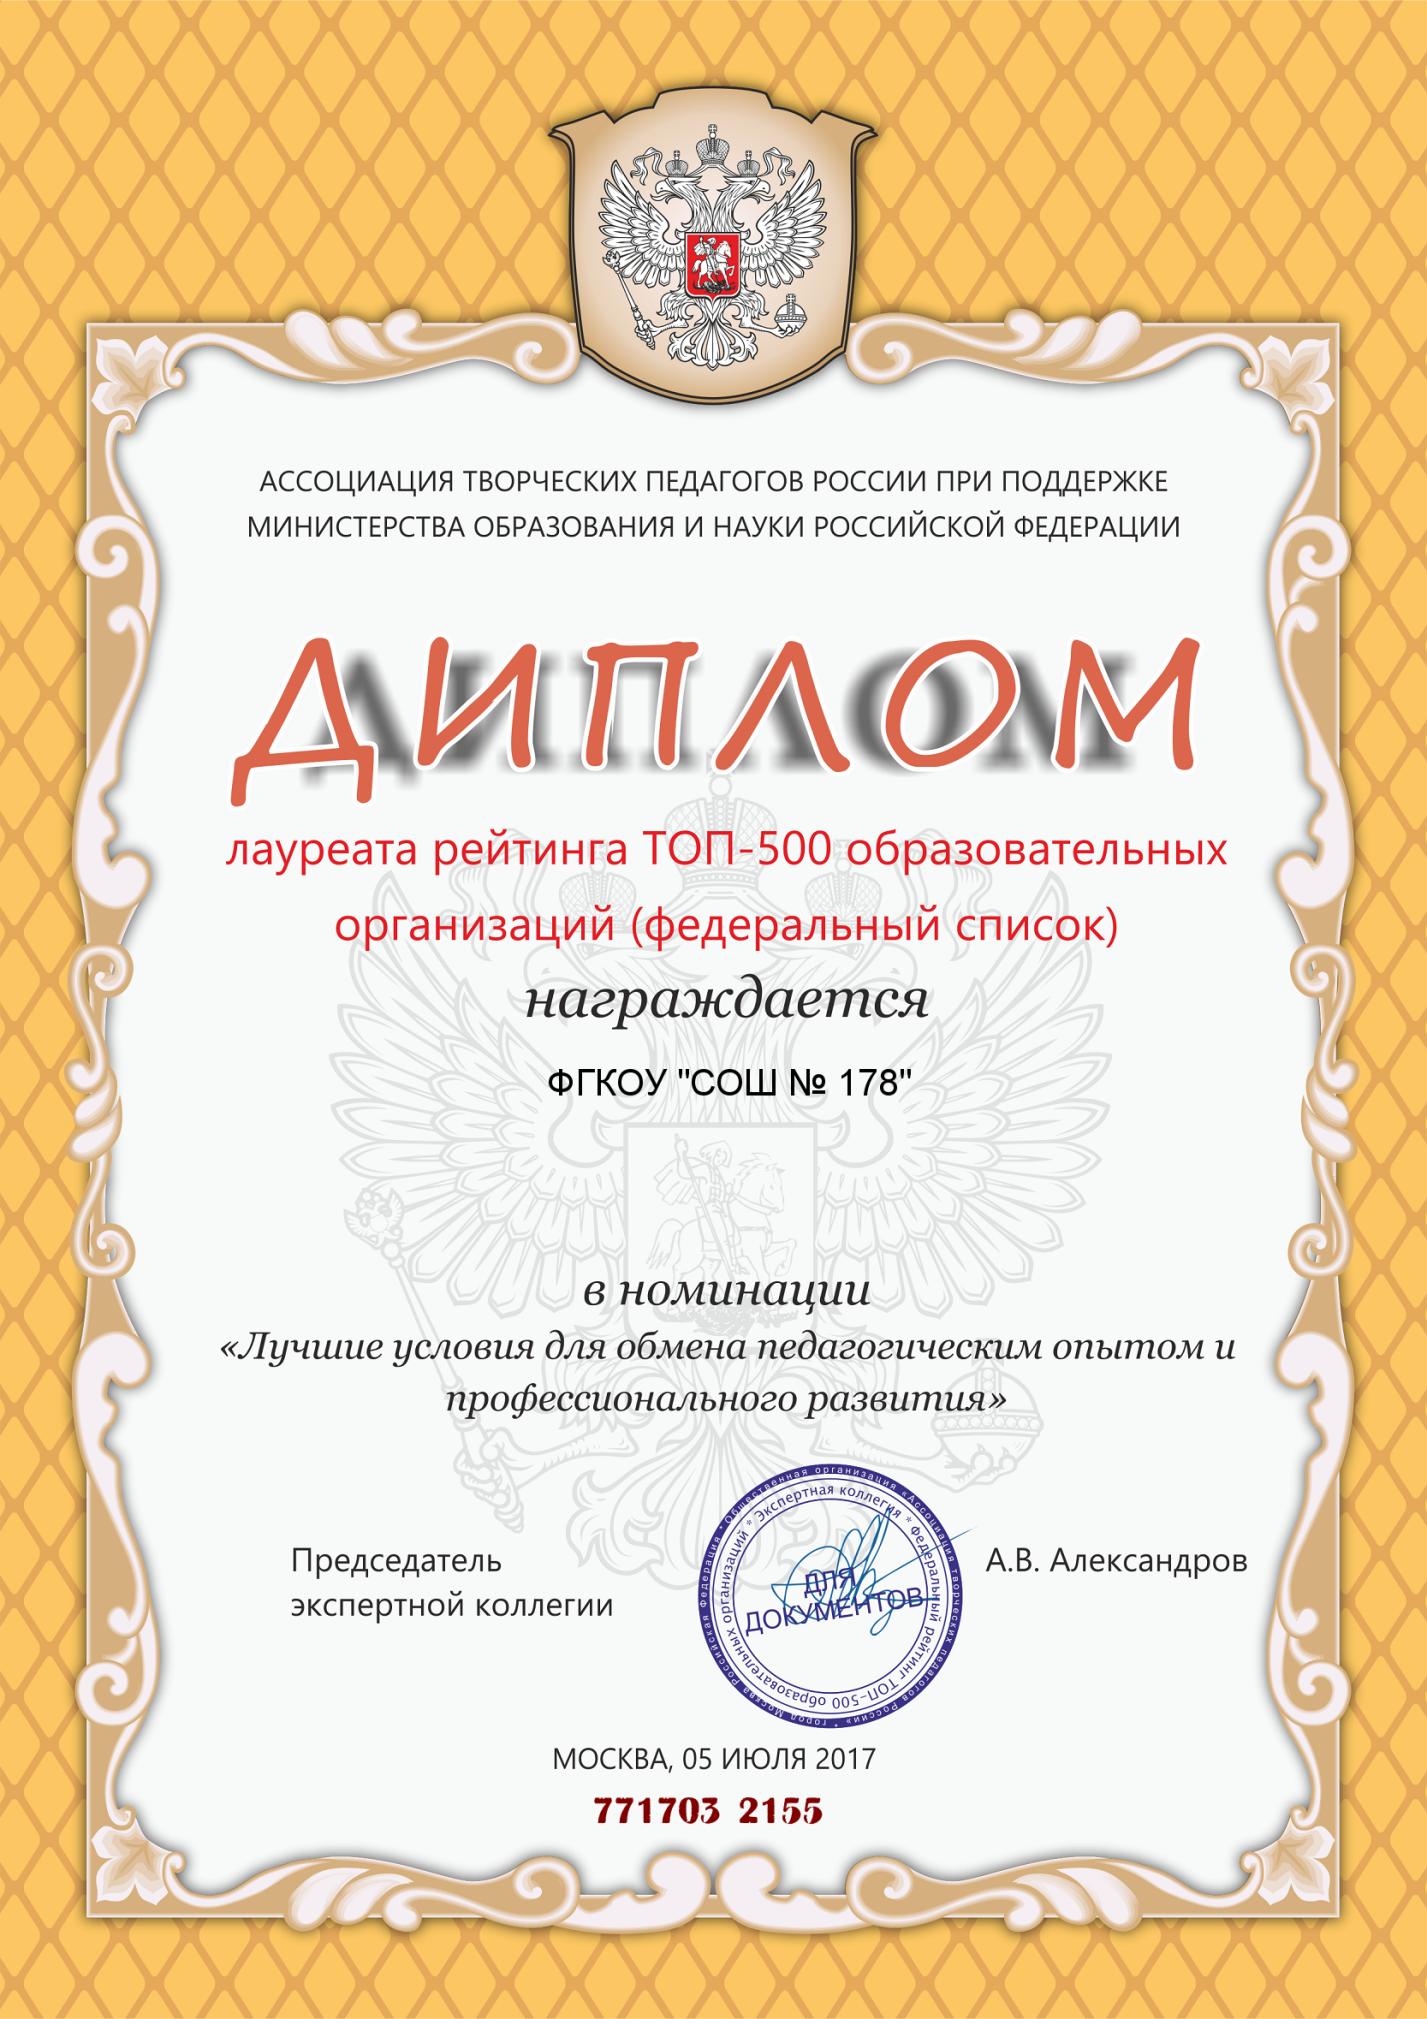 Москва диплом официальный сайт Анастасия Наталья не согласна с тобой это сначала так Я там училась 1 5 года пока мне в москва диплом официальный сайт лицо не кинули зачетку и не